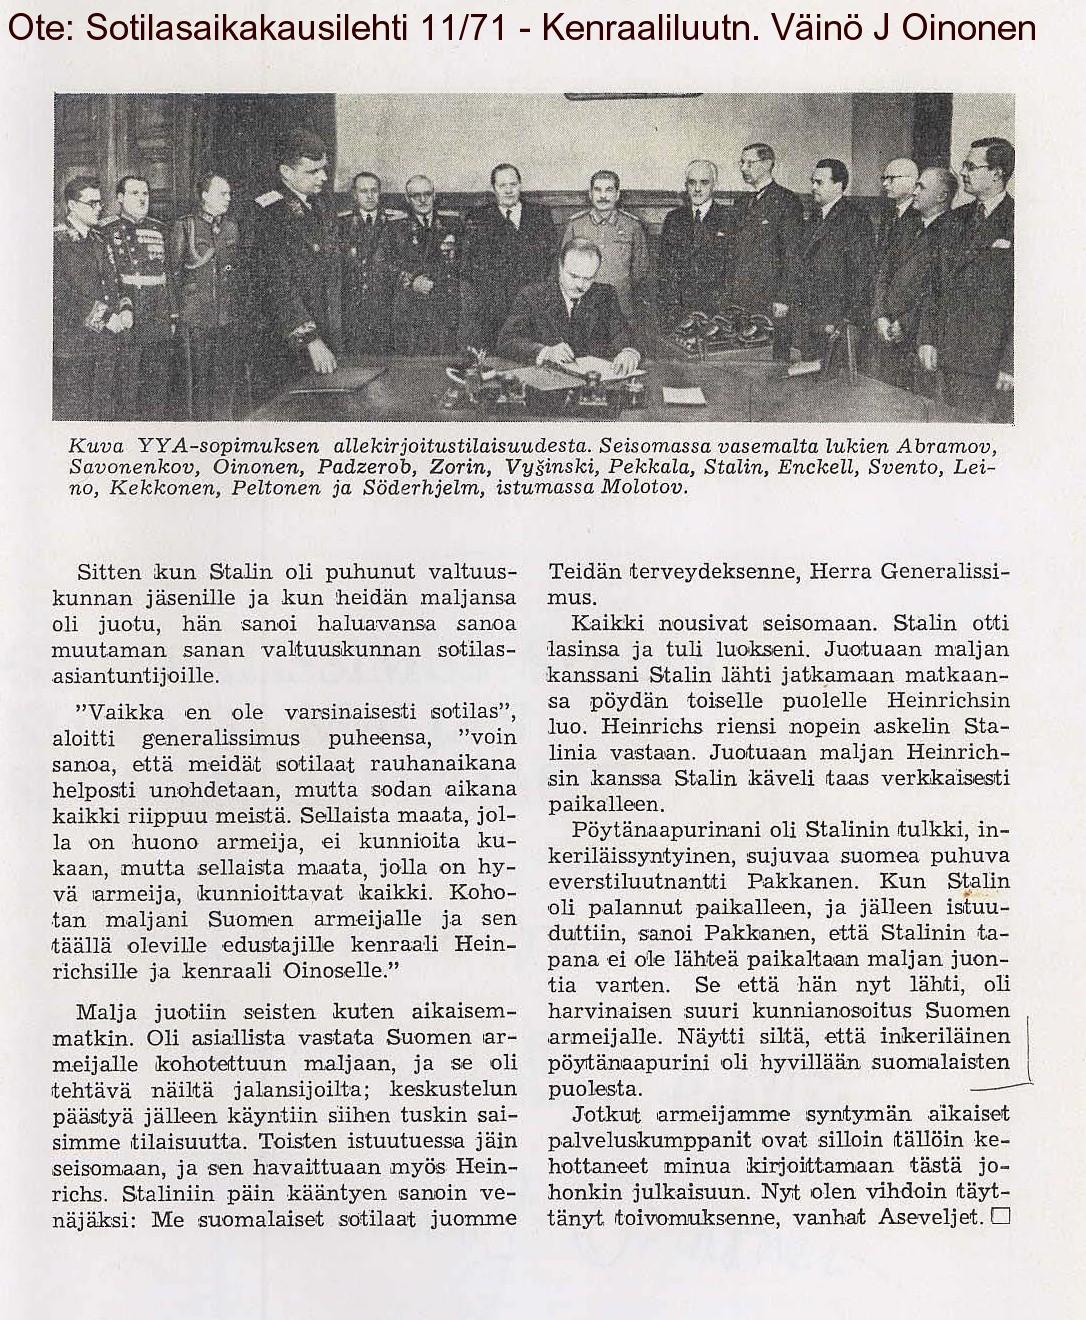 Malmivaara-Tatu-Oinonen-5-4-72-Stalin-6-4-48_Page_5